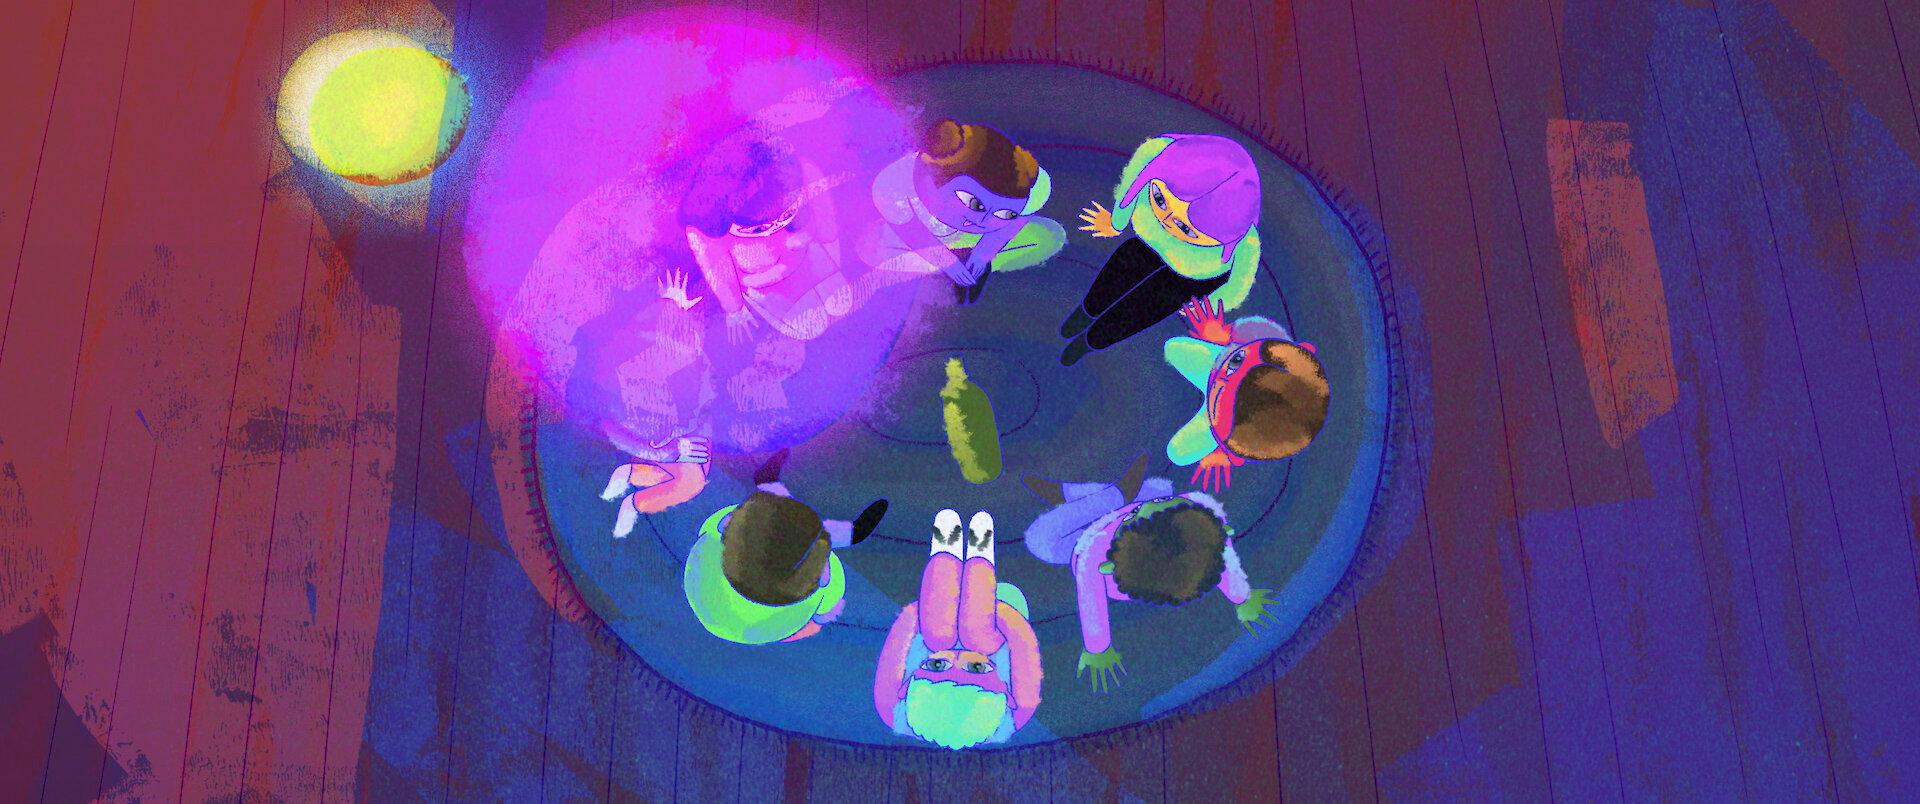 Cena da animação Friend of a Friend. Vemos, de cima, um grupo de adolescentes sentados em roda com uma garrafa no centro. As cores predominantes na=o desenho são o roxo, o azul e o verde-água em estilo neon.